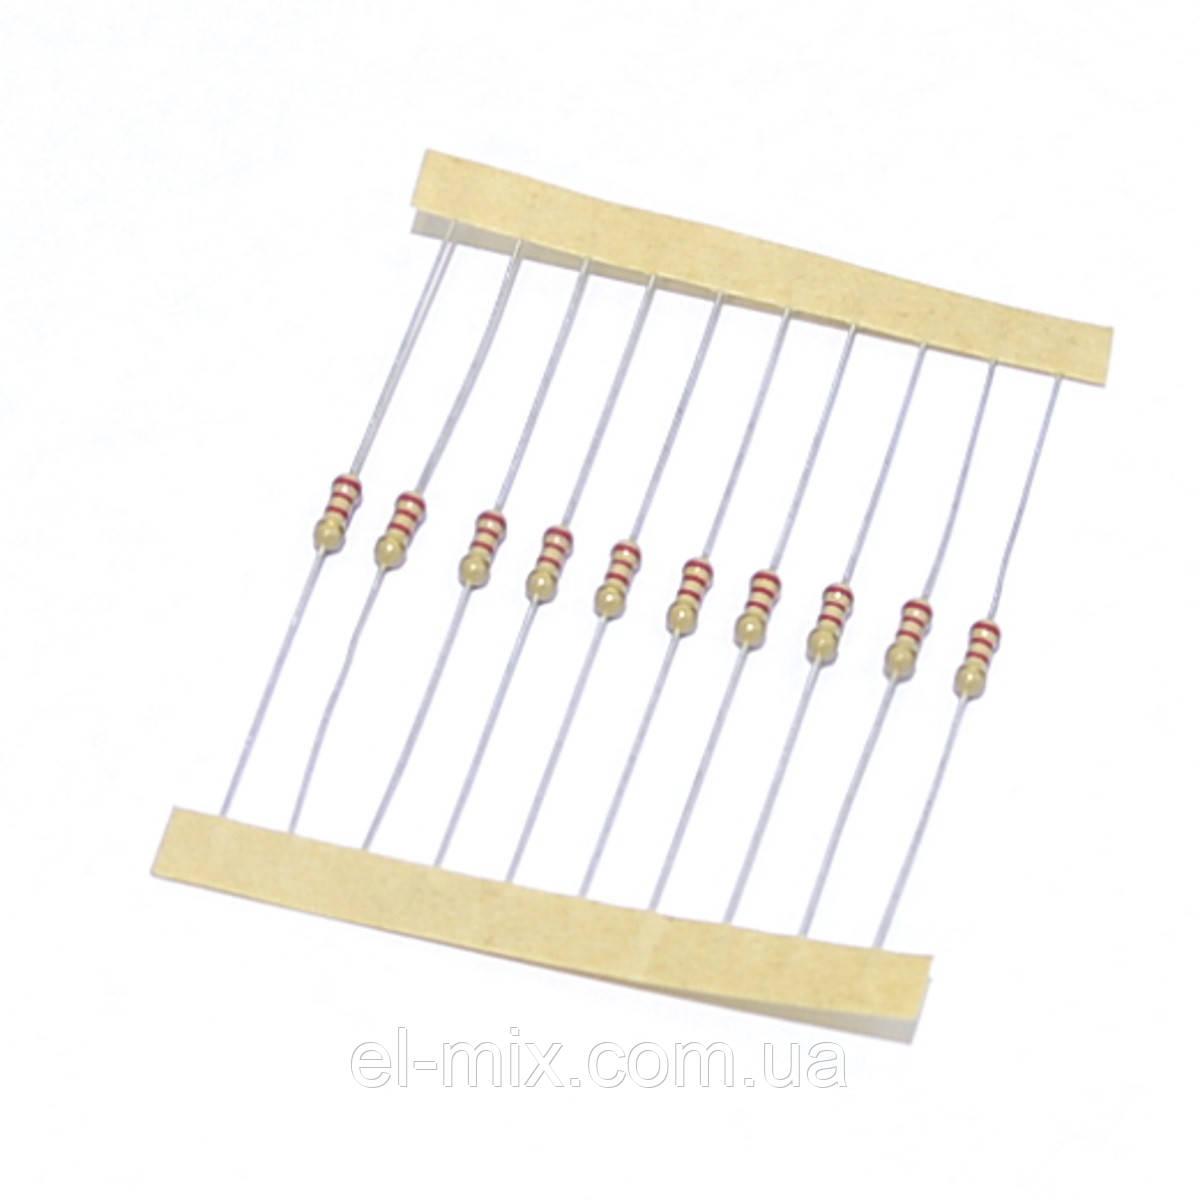 Резистор 0,25 Вт 1,1 kOm 5% (2,3х6,0мм), стрічка SR-Passives / уп.10 шт